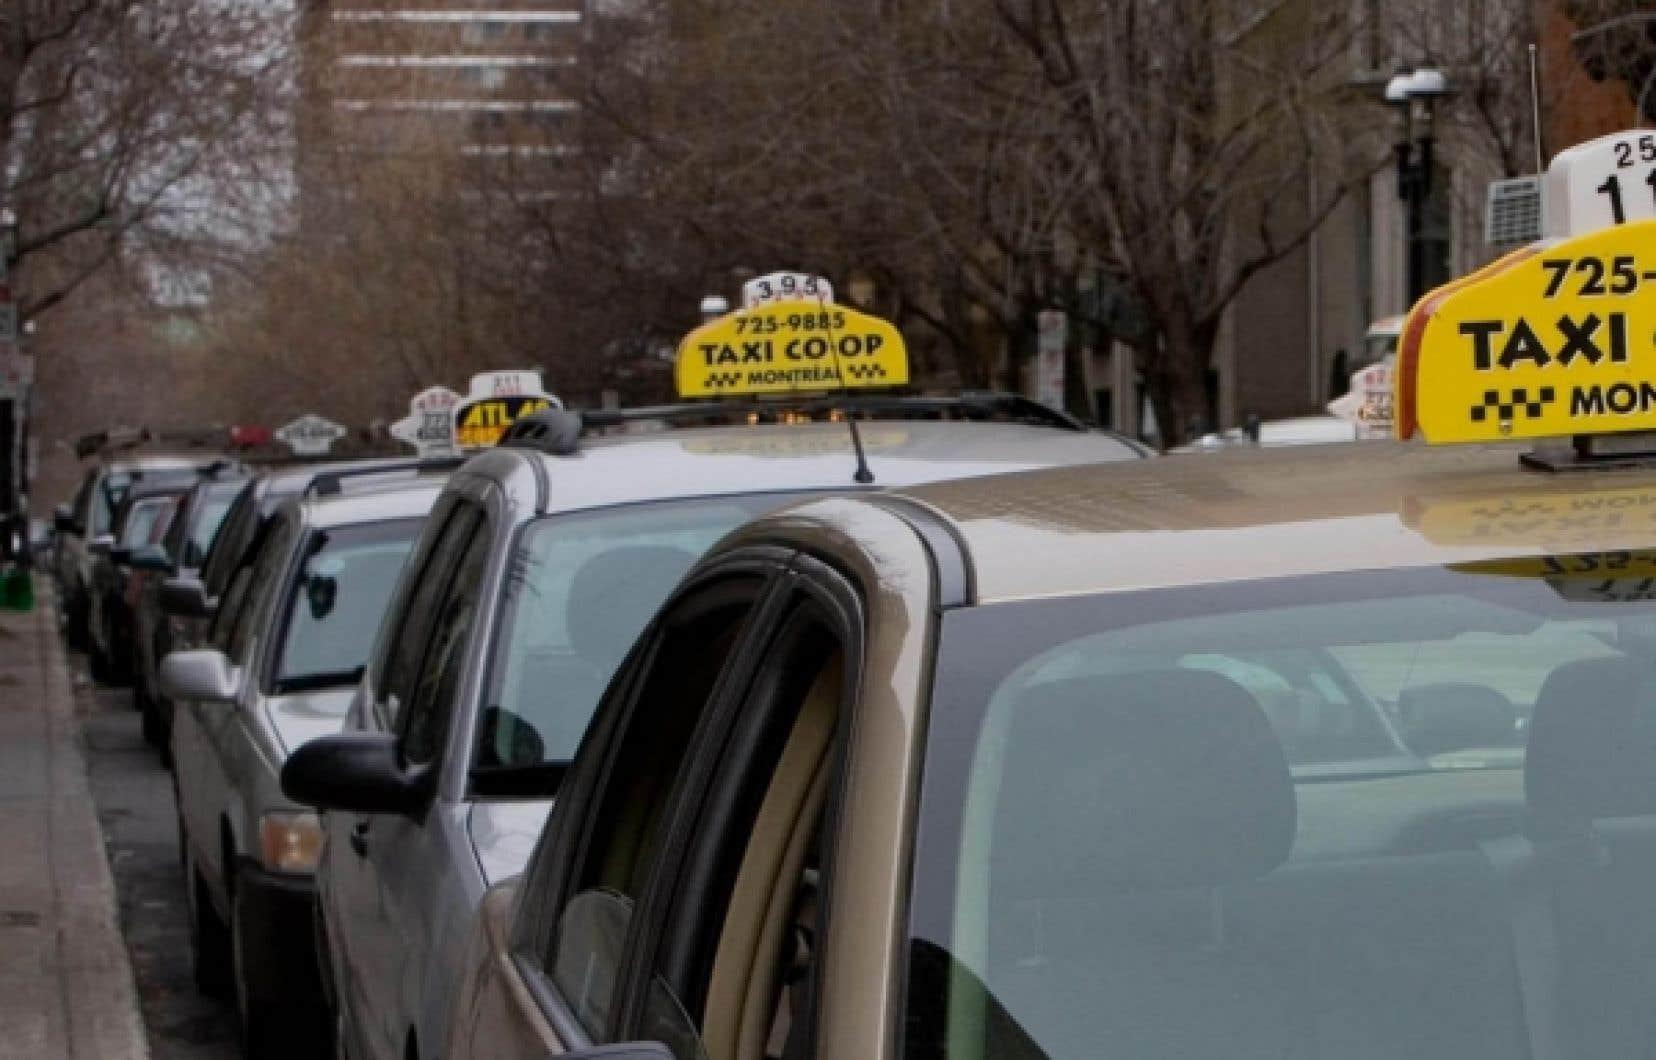 L'idée consiste à jumeler des passagers, qui ne se connaissent pas mais qui font un trajet similaire, pour leur permettre de partager les coûts de la course en taxi. Le concept s'apparente au système de taxi-partage qui existe en Amérique latine et dans plusieurs villes à travers le monde.